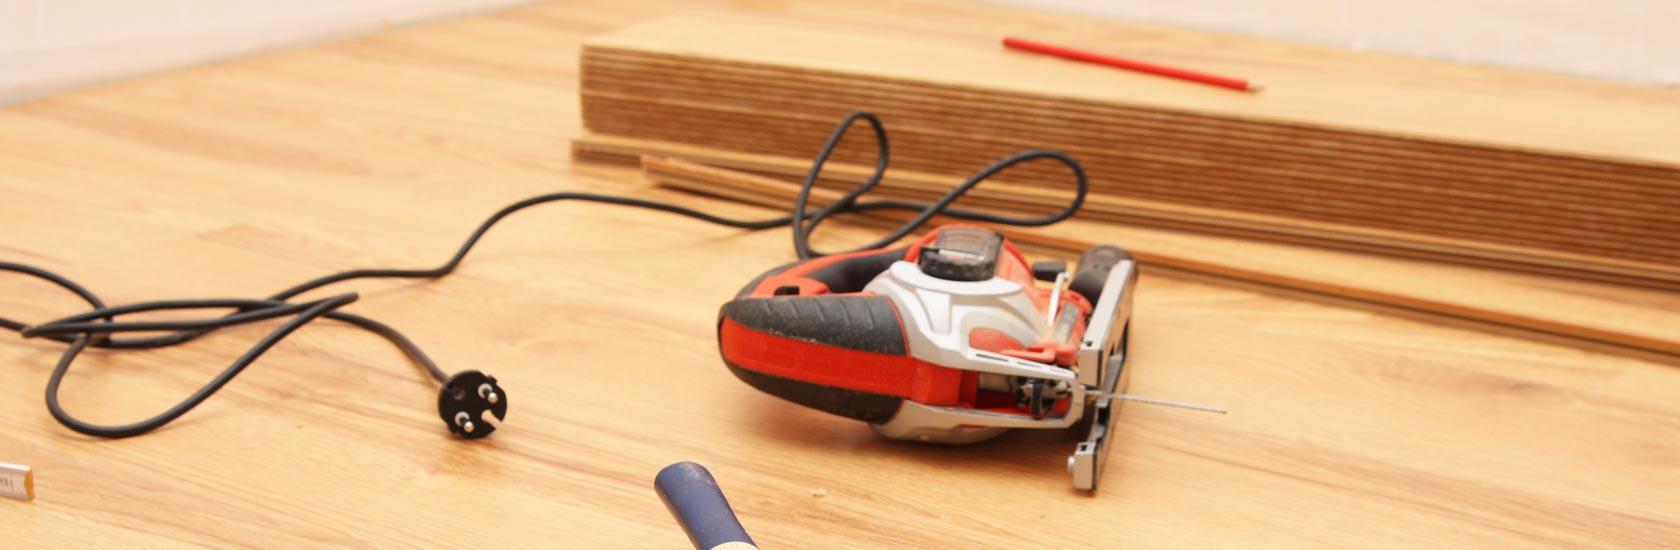 Mbelreparaturen Holzreparaturen Parkett Verlegen